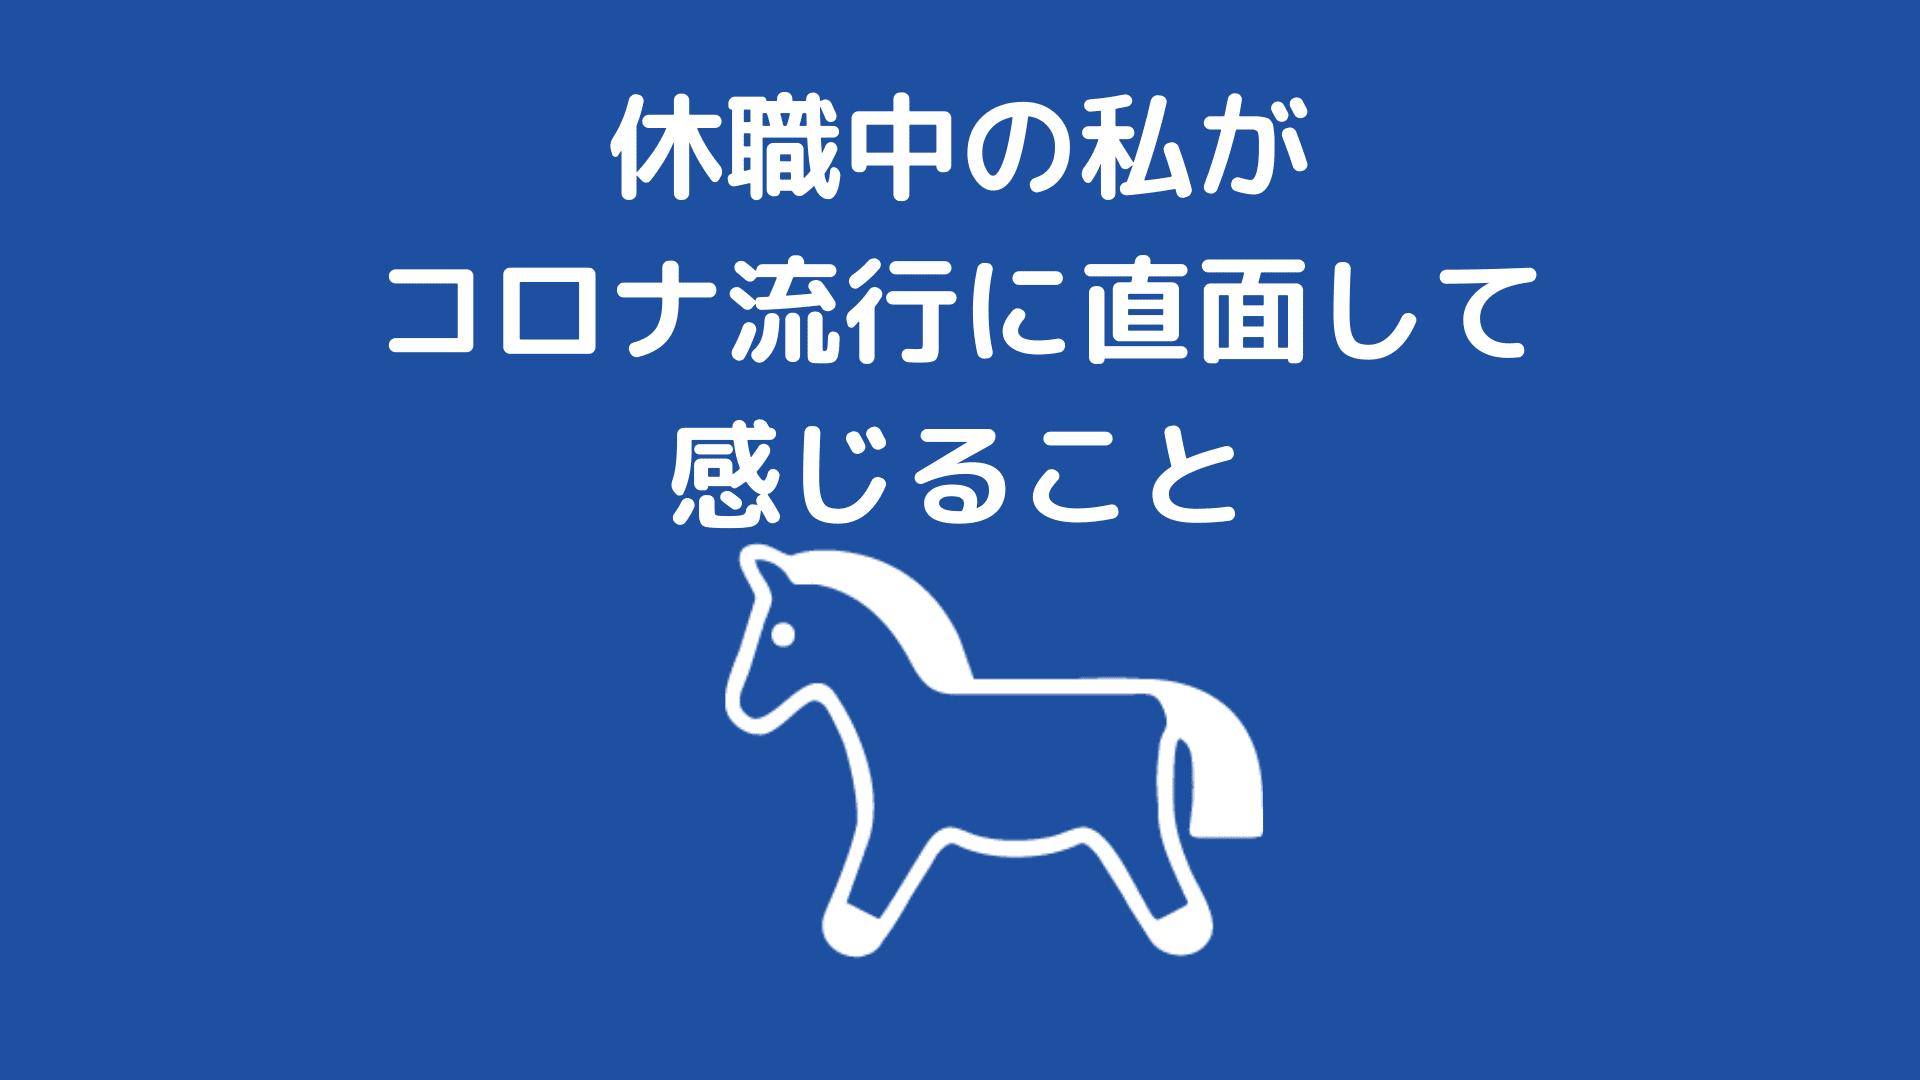 Corona kyushoku